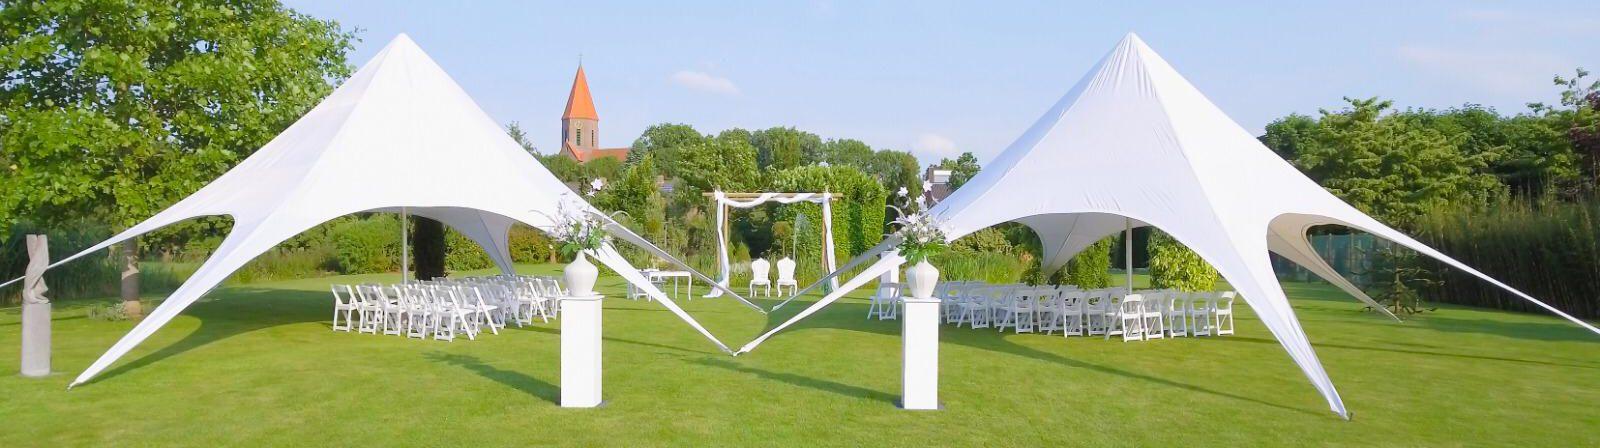 Opstelling ceremonie met tent